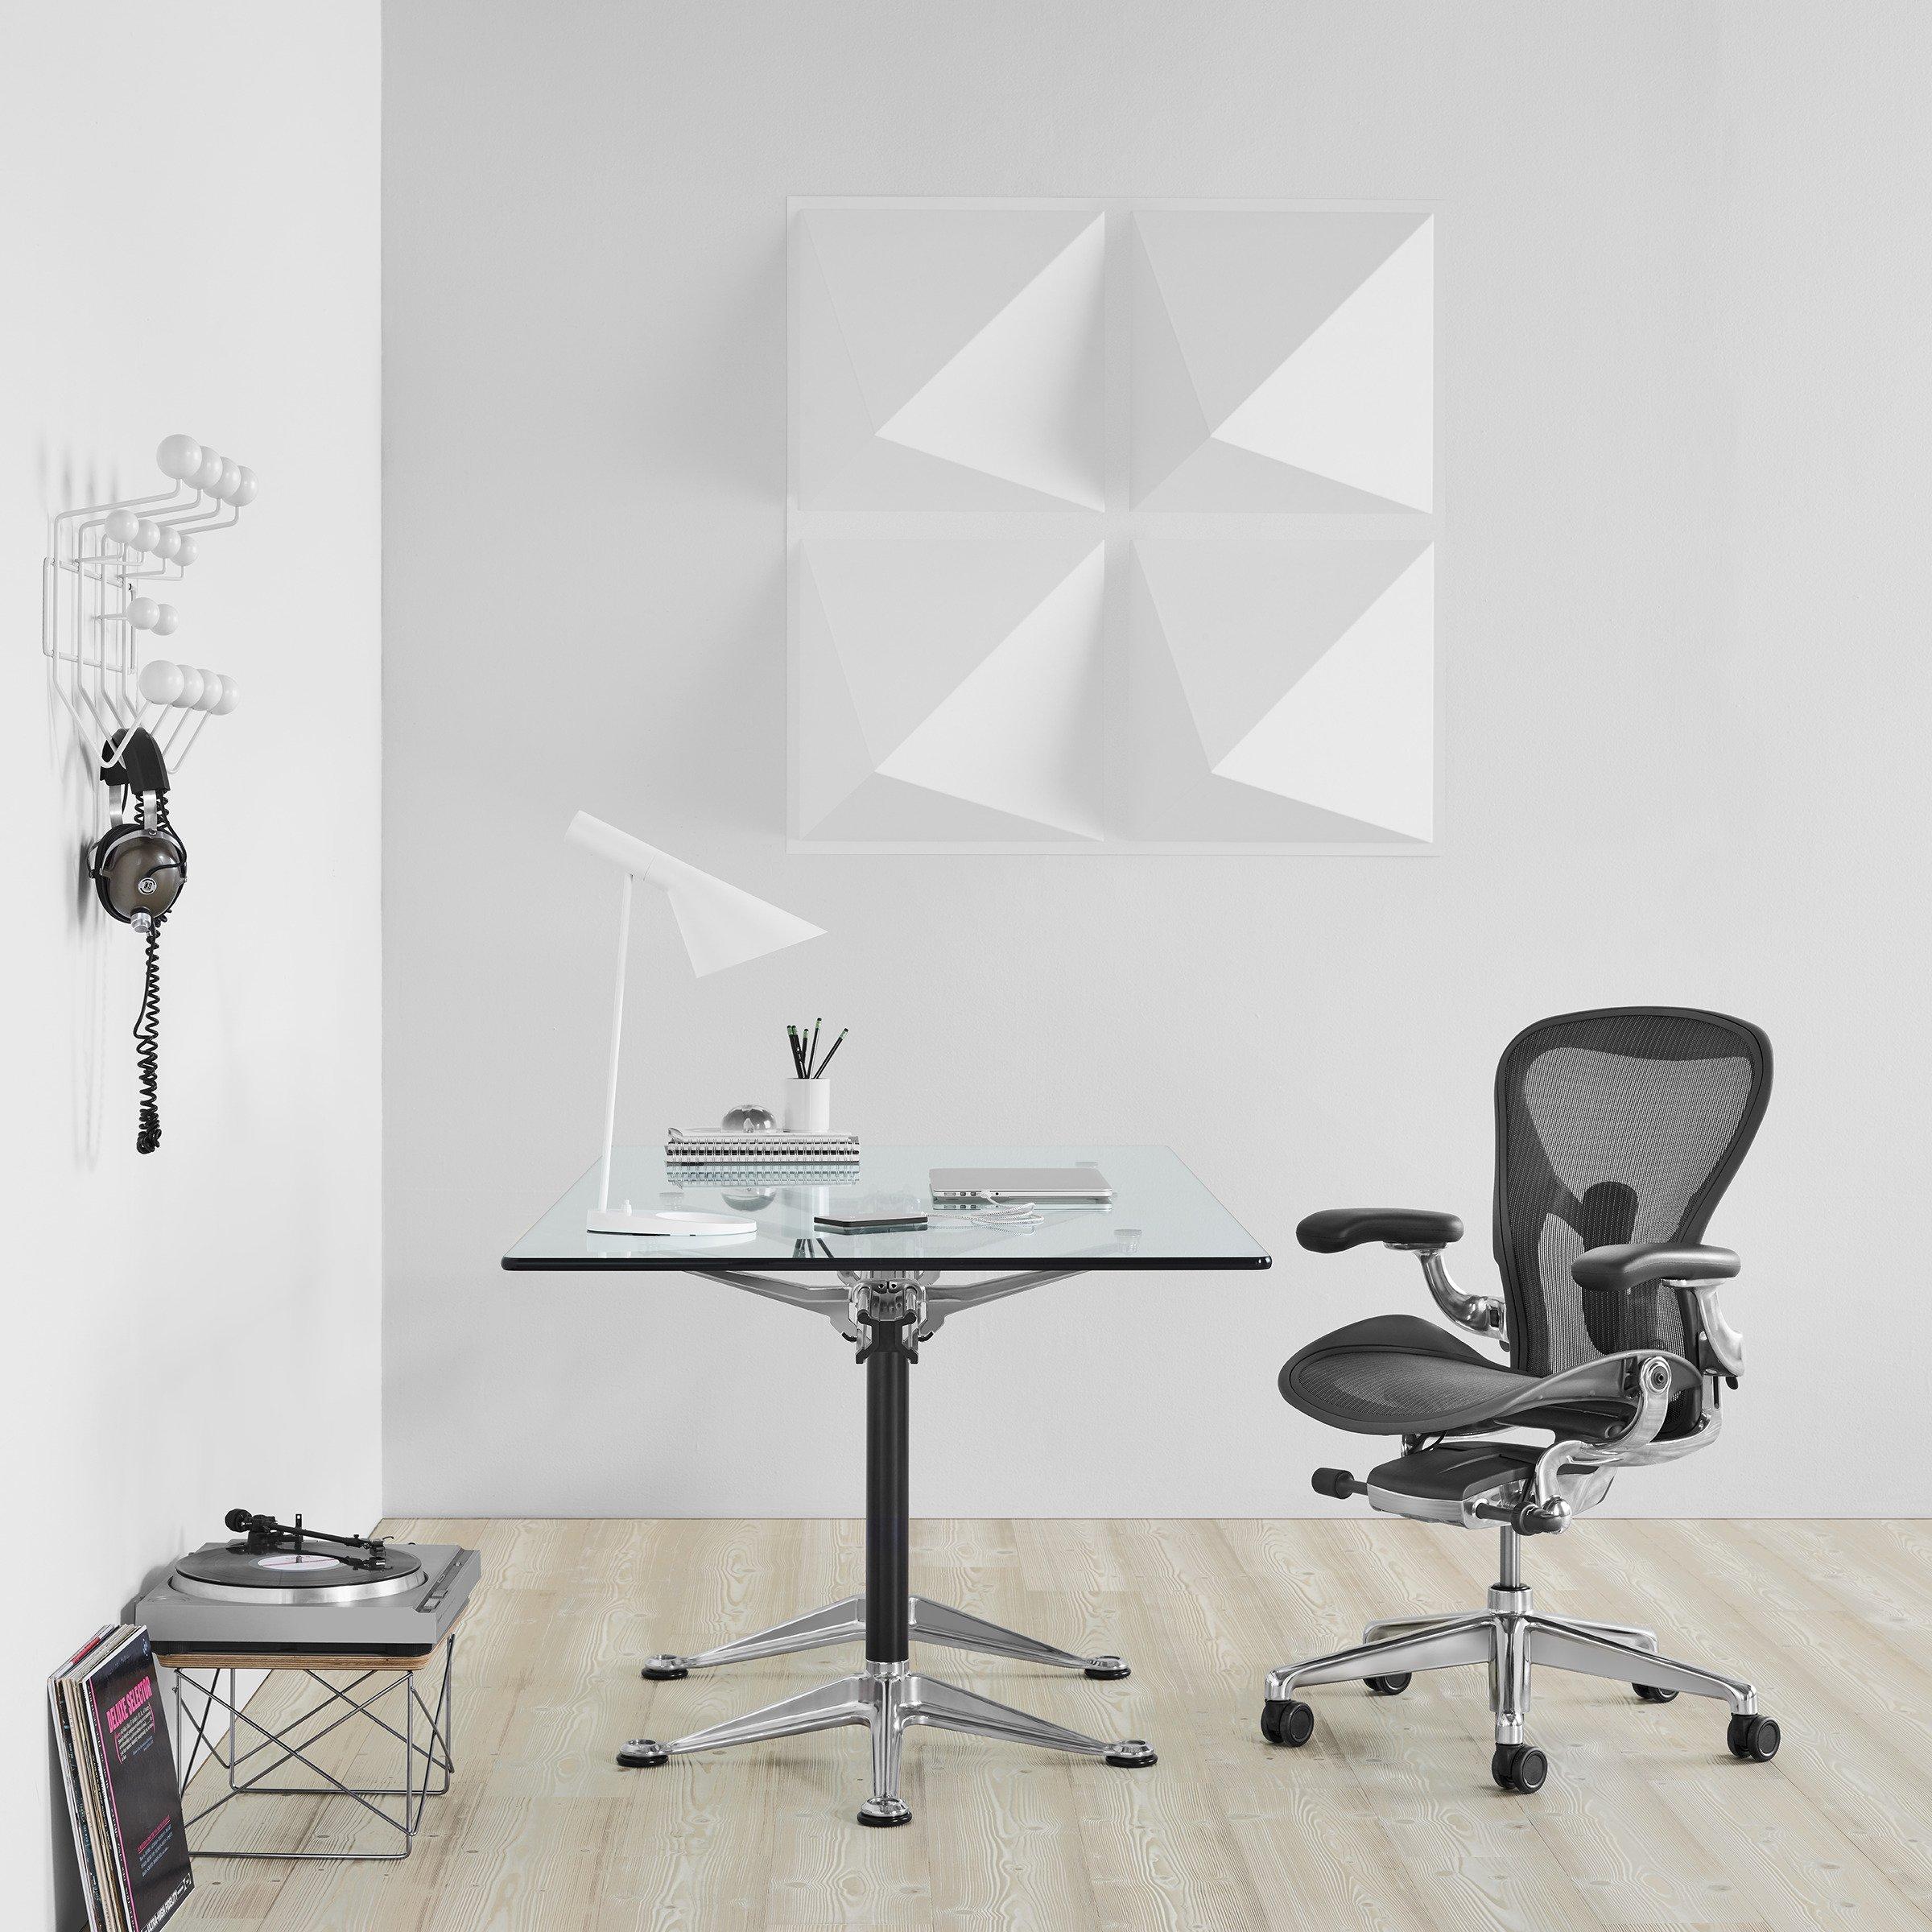 cadeira Aeron com ergonomia no trabalho home office